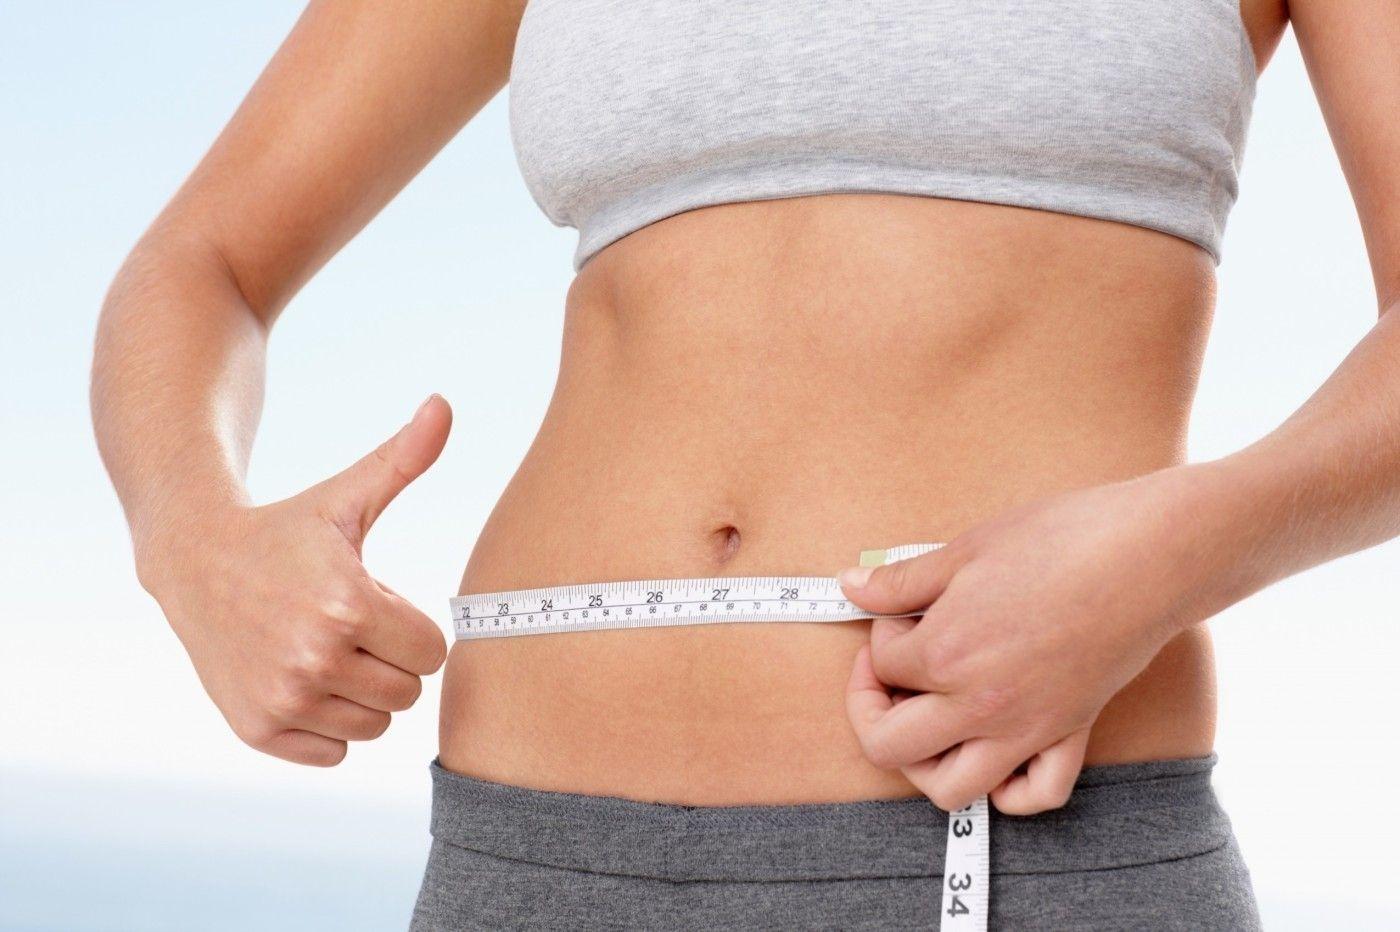 Почему не худеет живот и что делать?, Вес и фитнес, Похудение